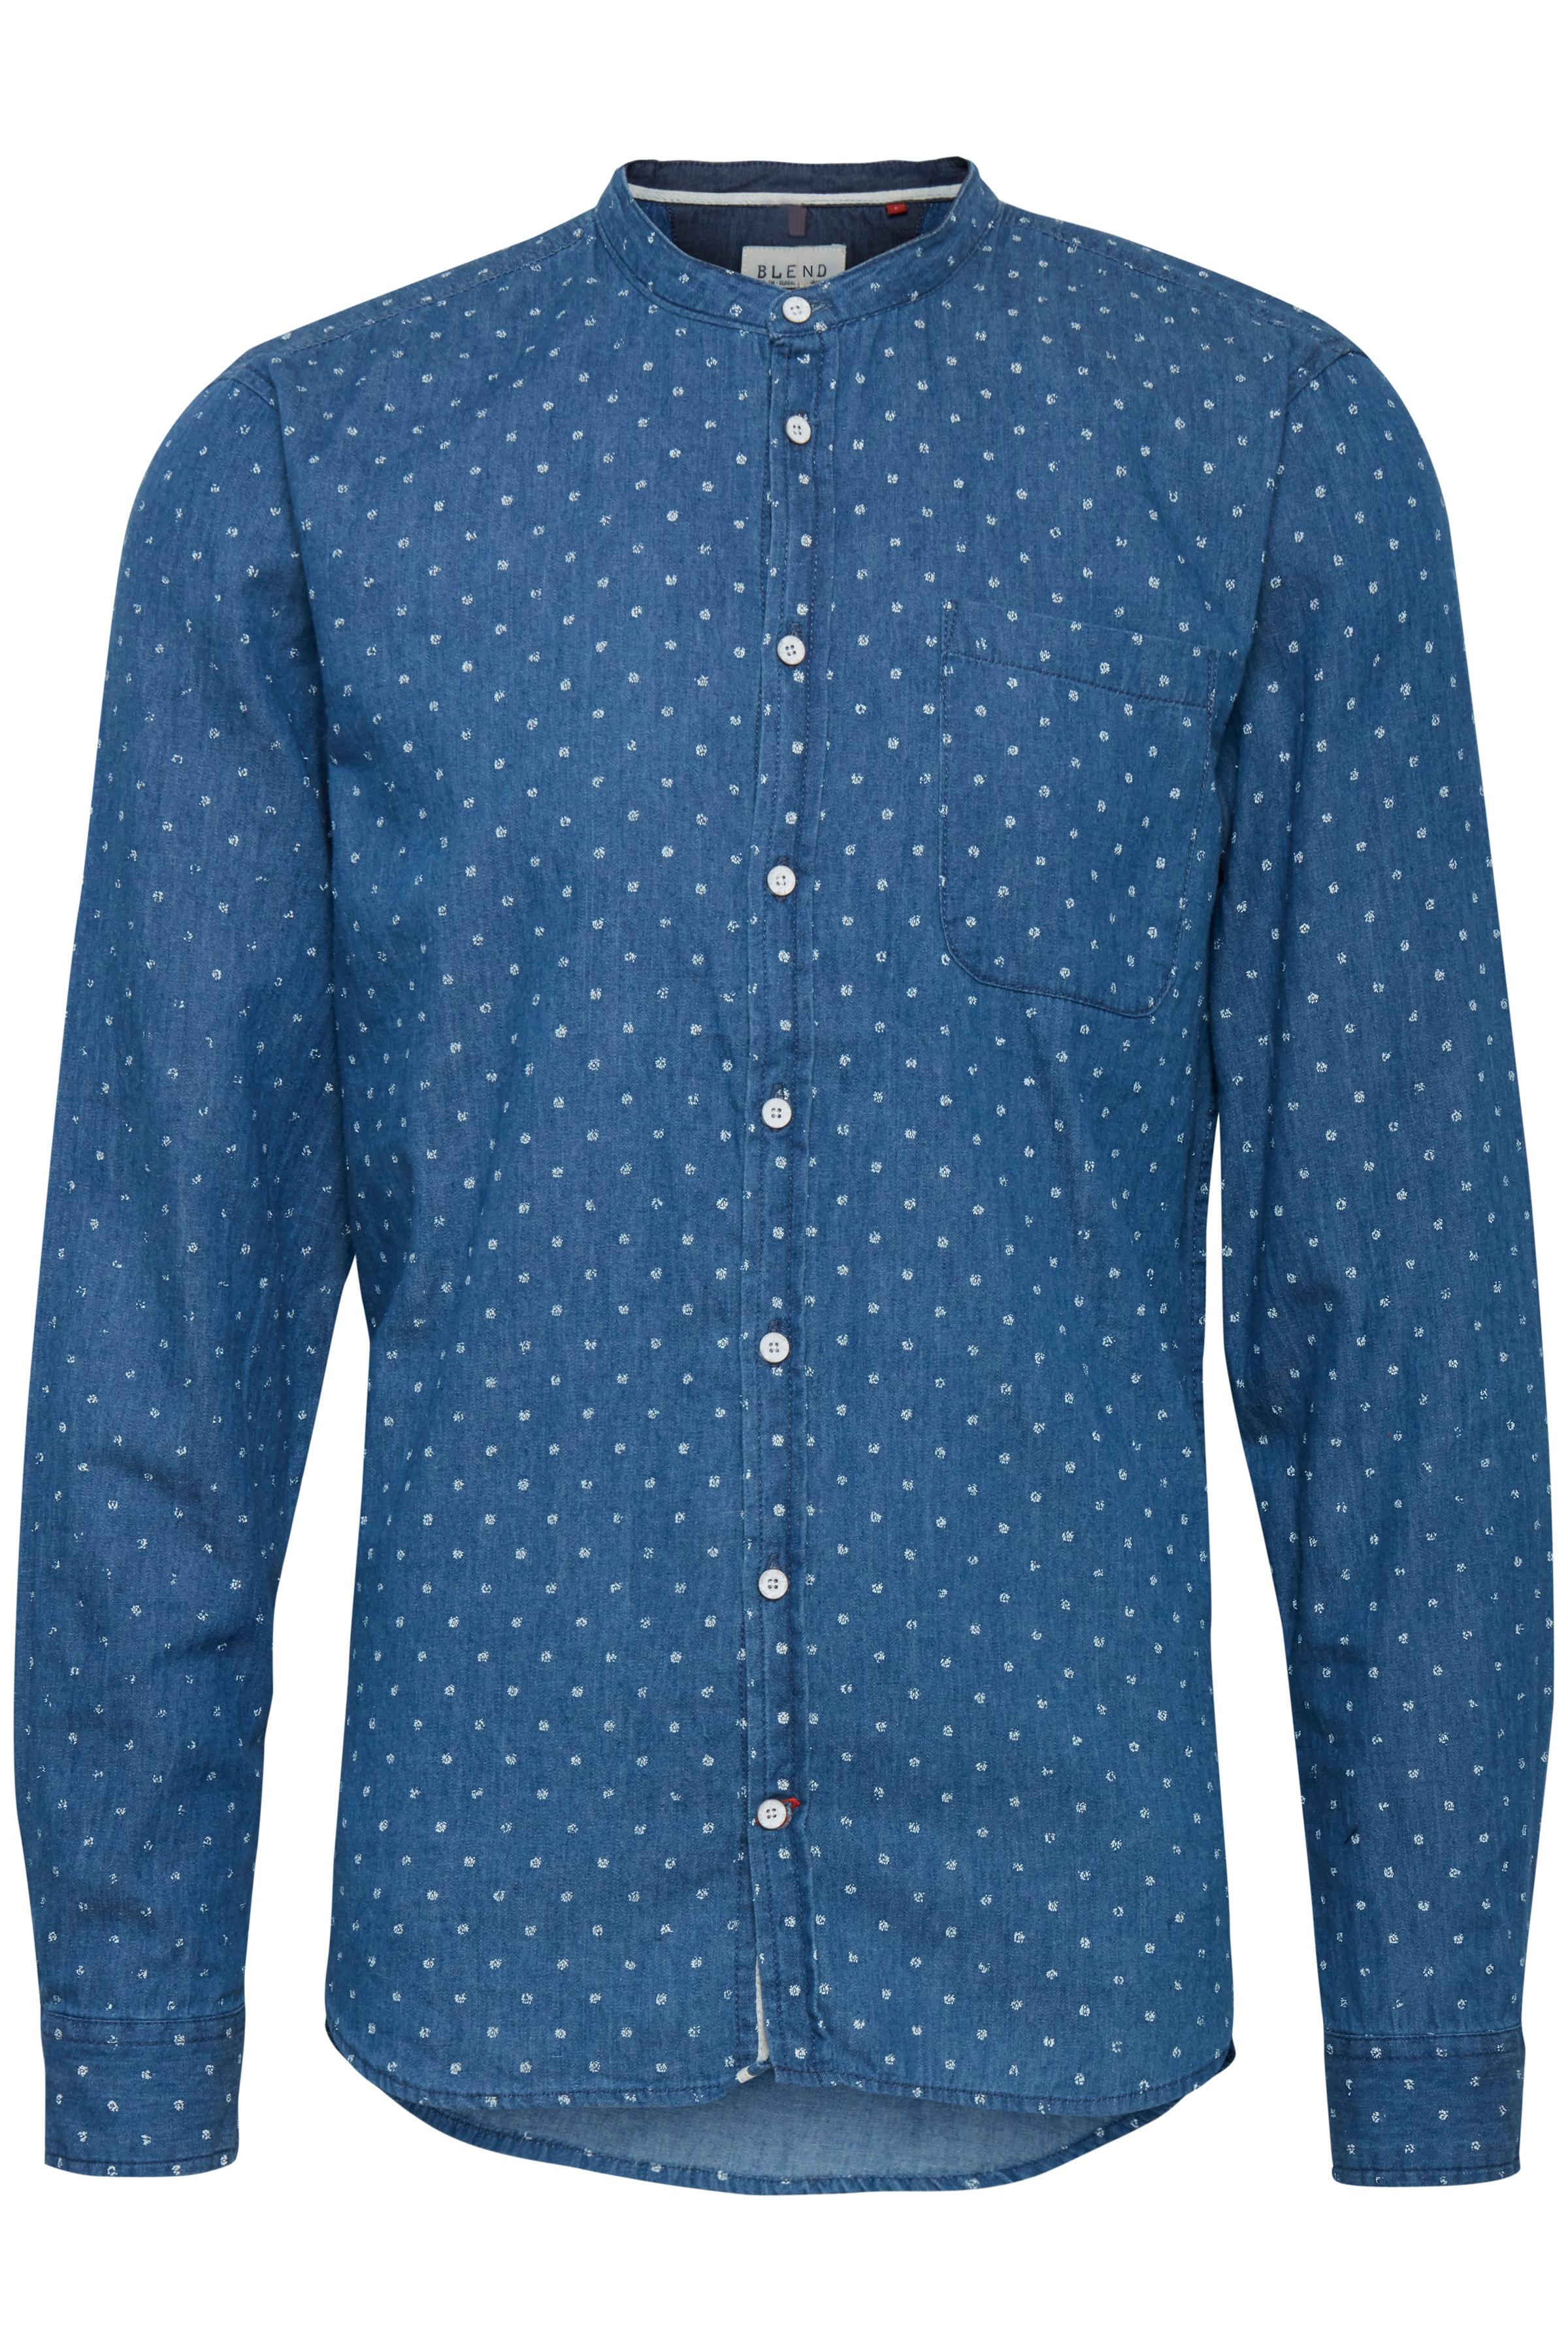 Dark Navy Blue Langærmet skjorte – Køb Dark Navy Blue Langærmet skjorte fra str. S-XL her